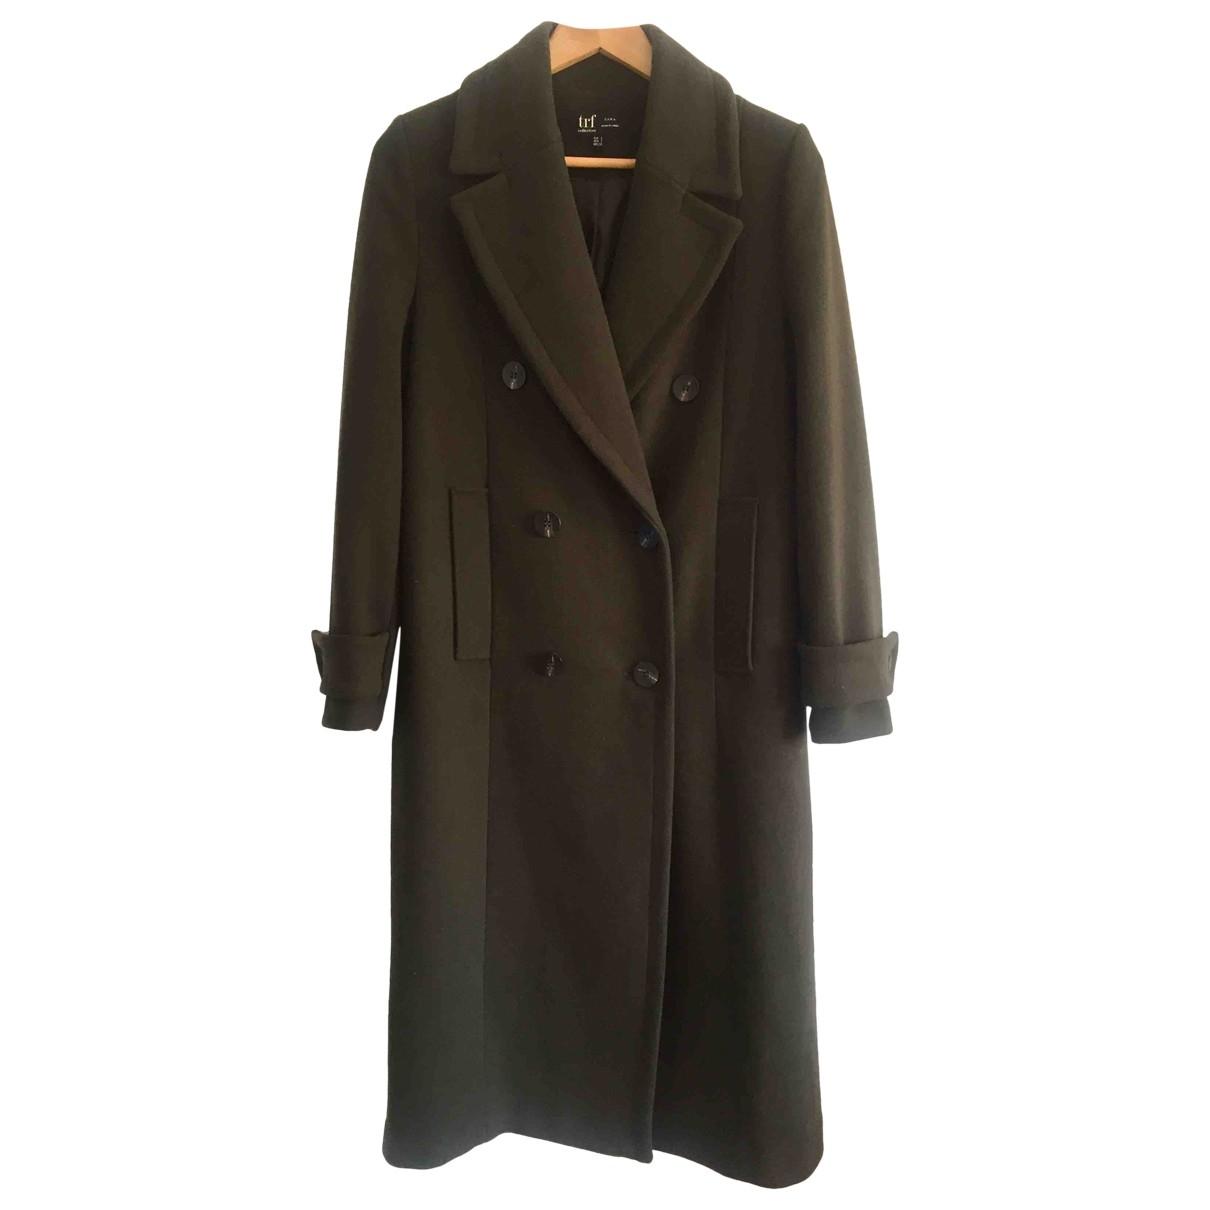 Zara \N Green Wool coat for Women S International